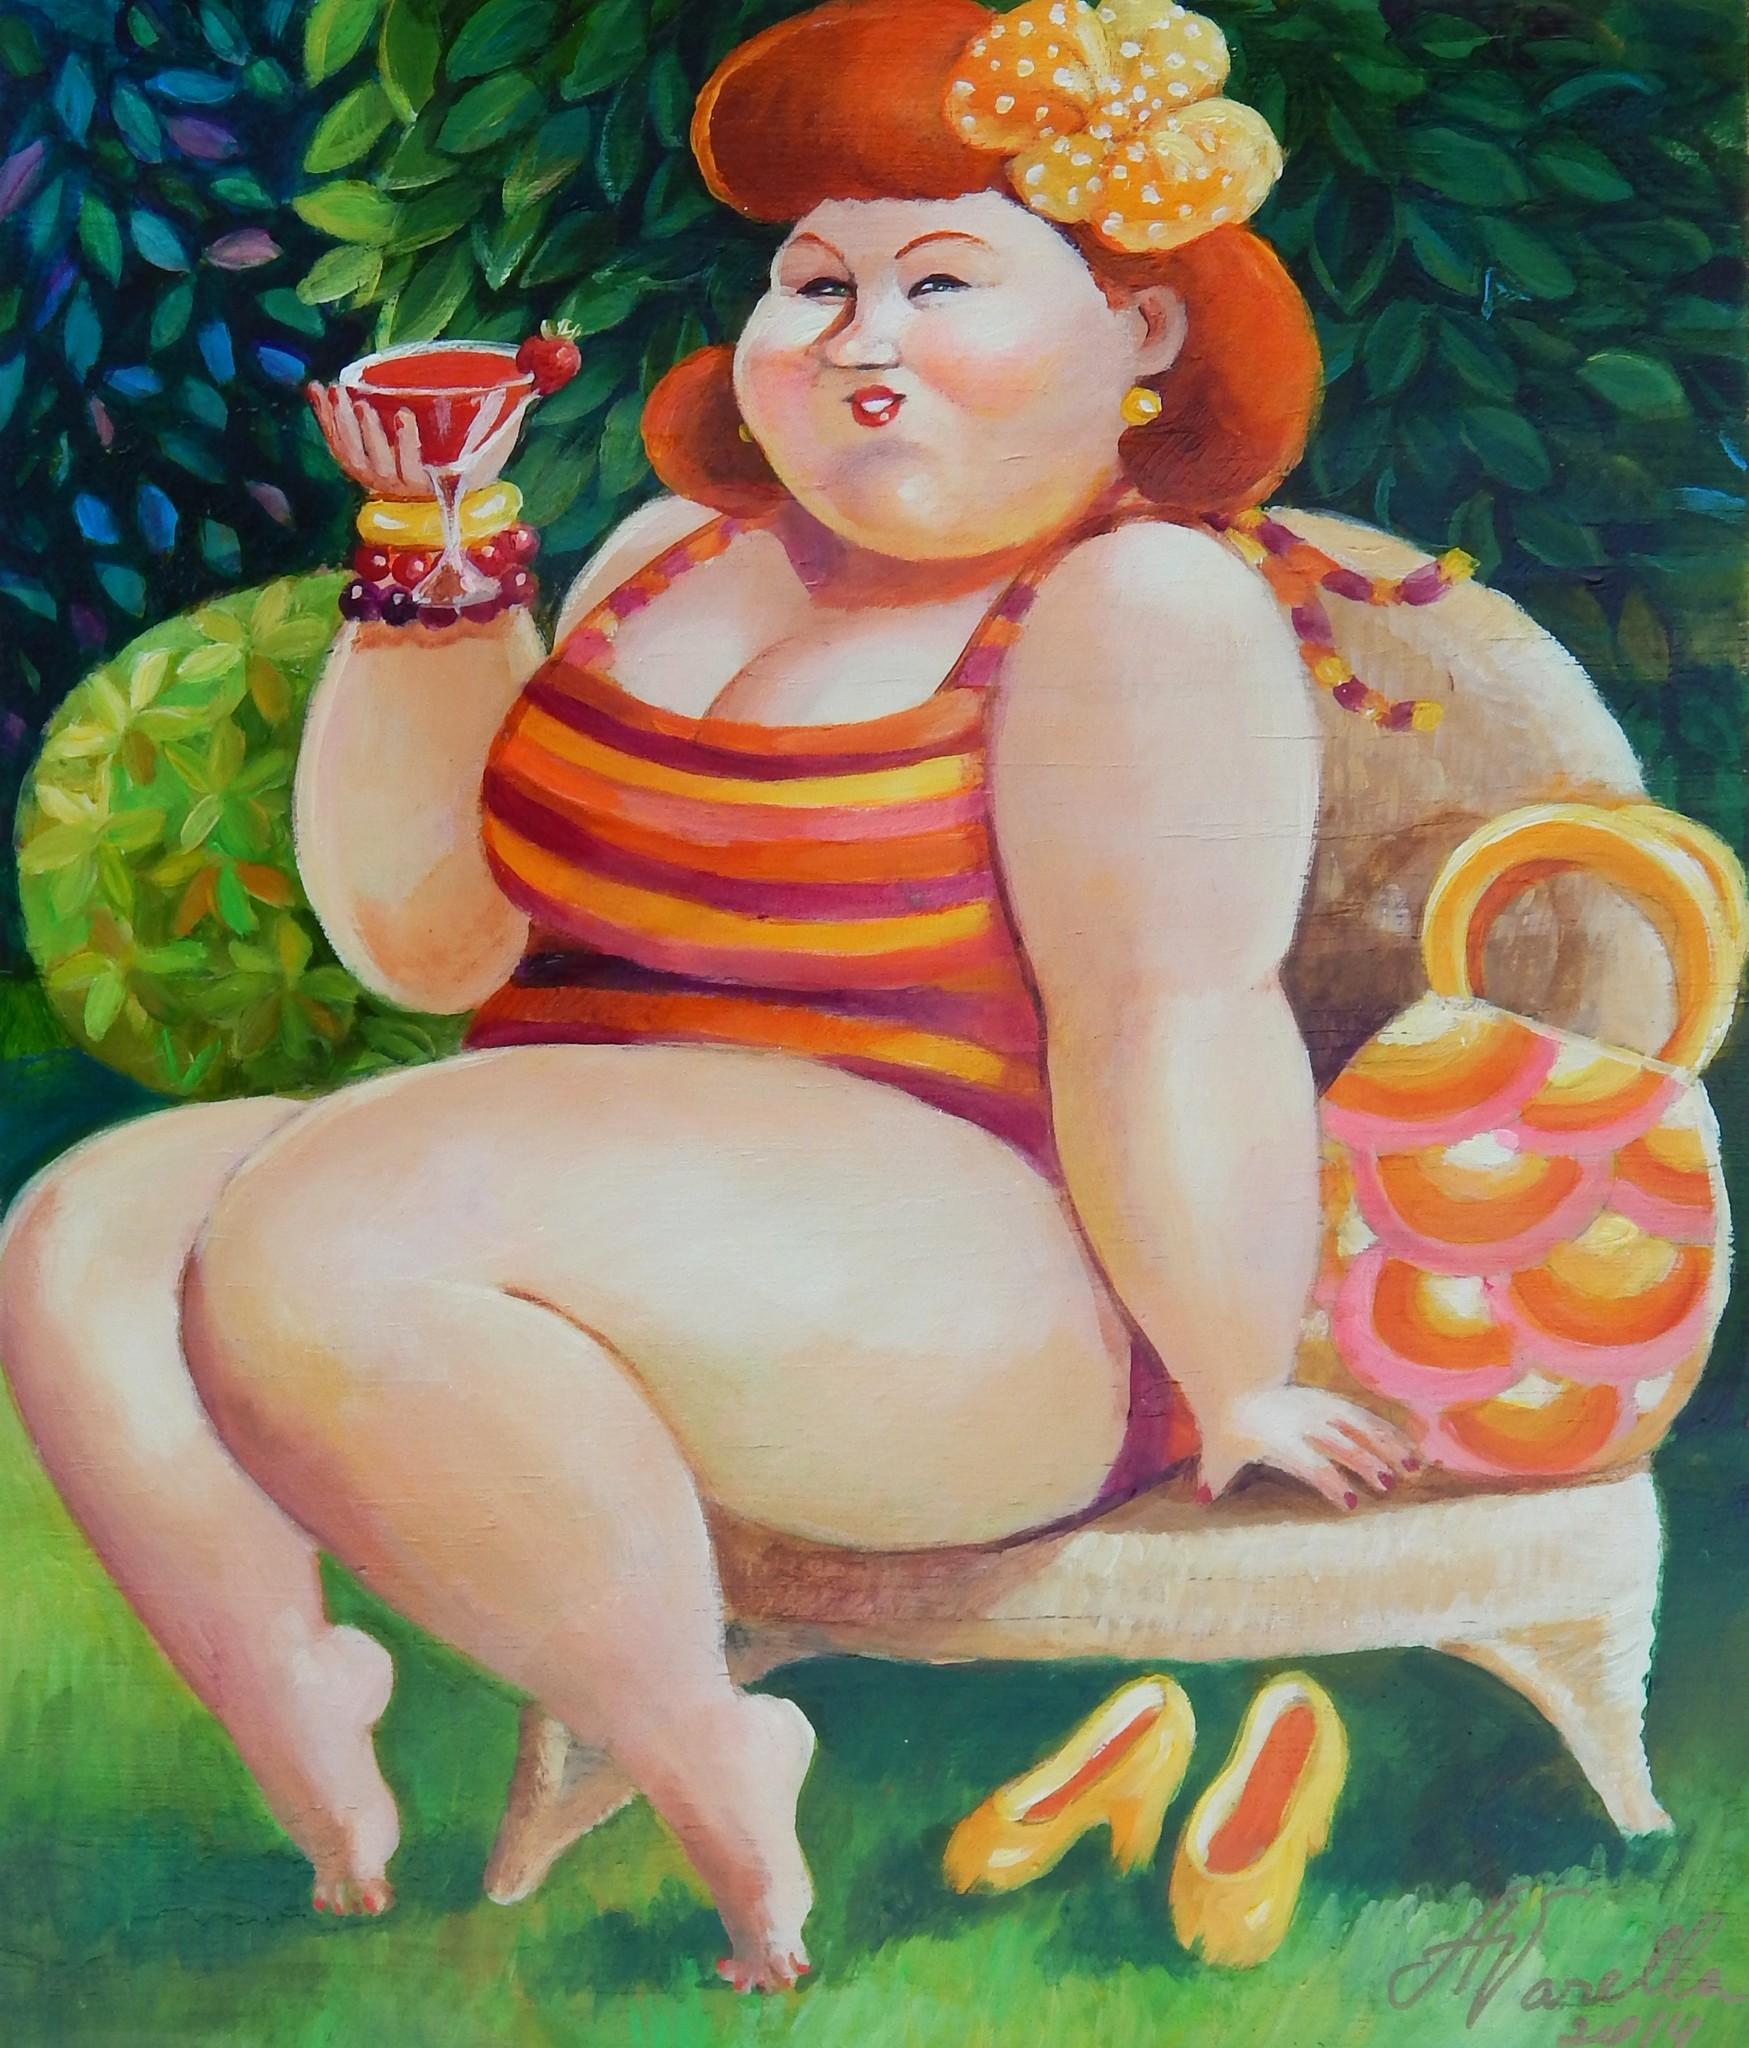 Прикольные картинки толстушек на аву